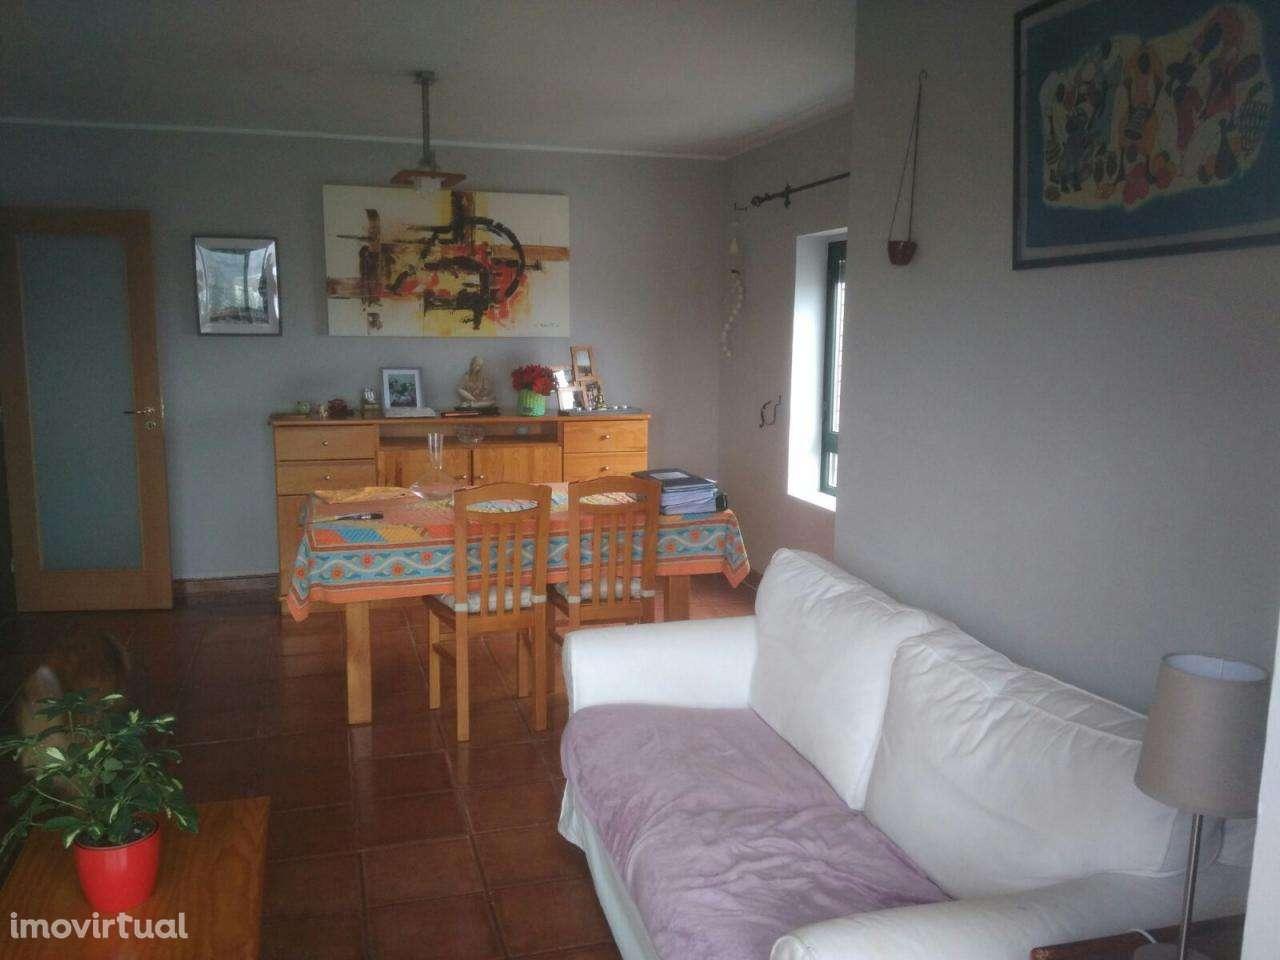 Apartamento para comprar, Ermesinde, Valongo, Porto - Foto 8